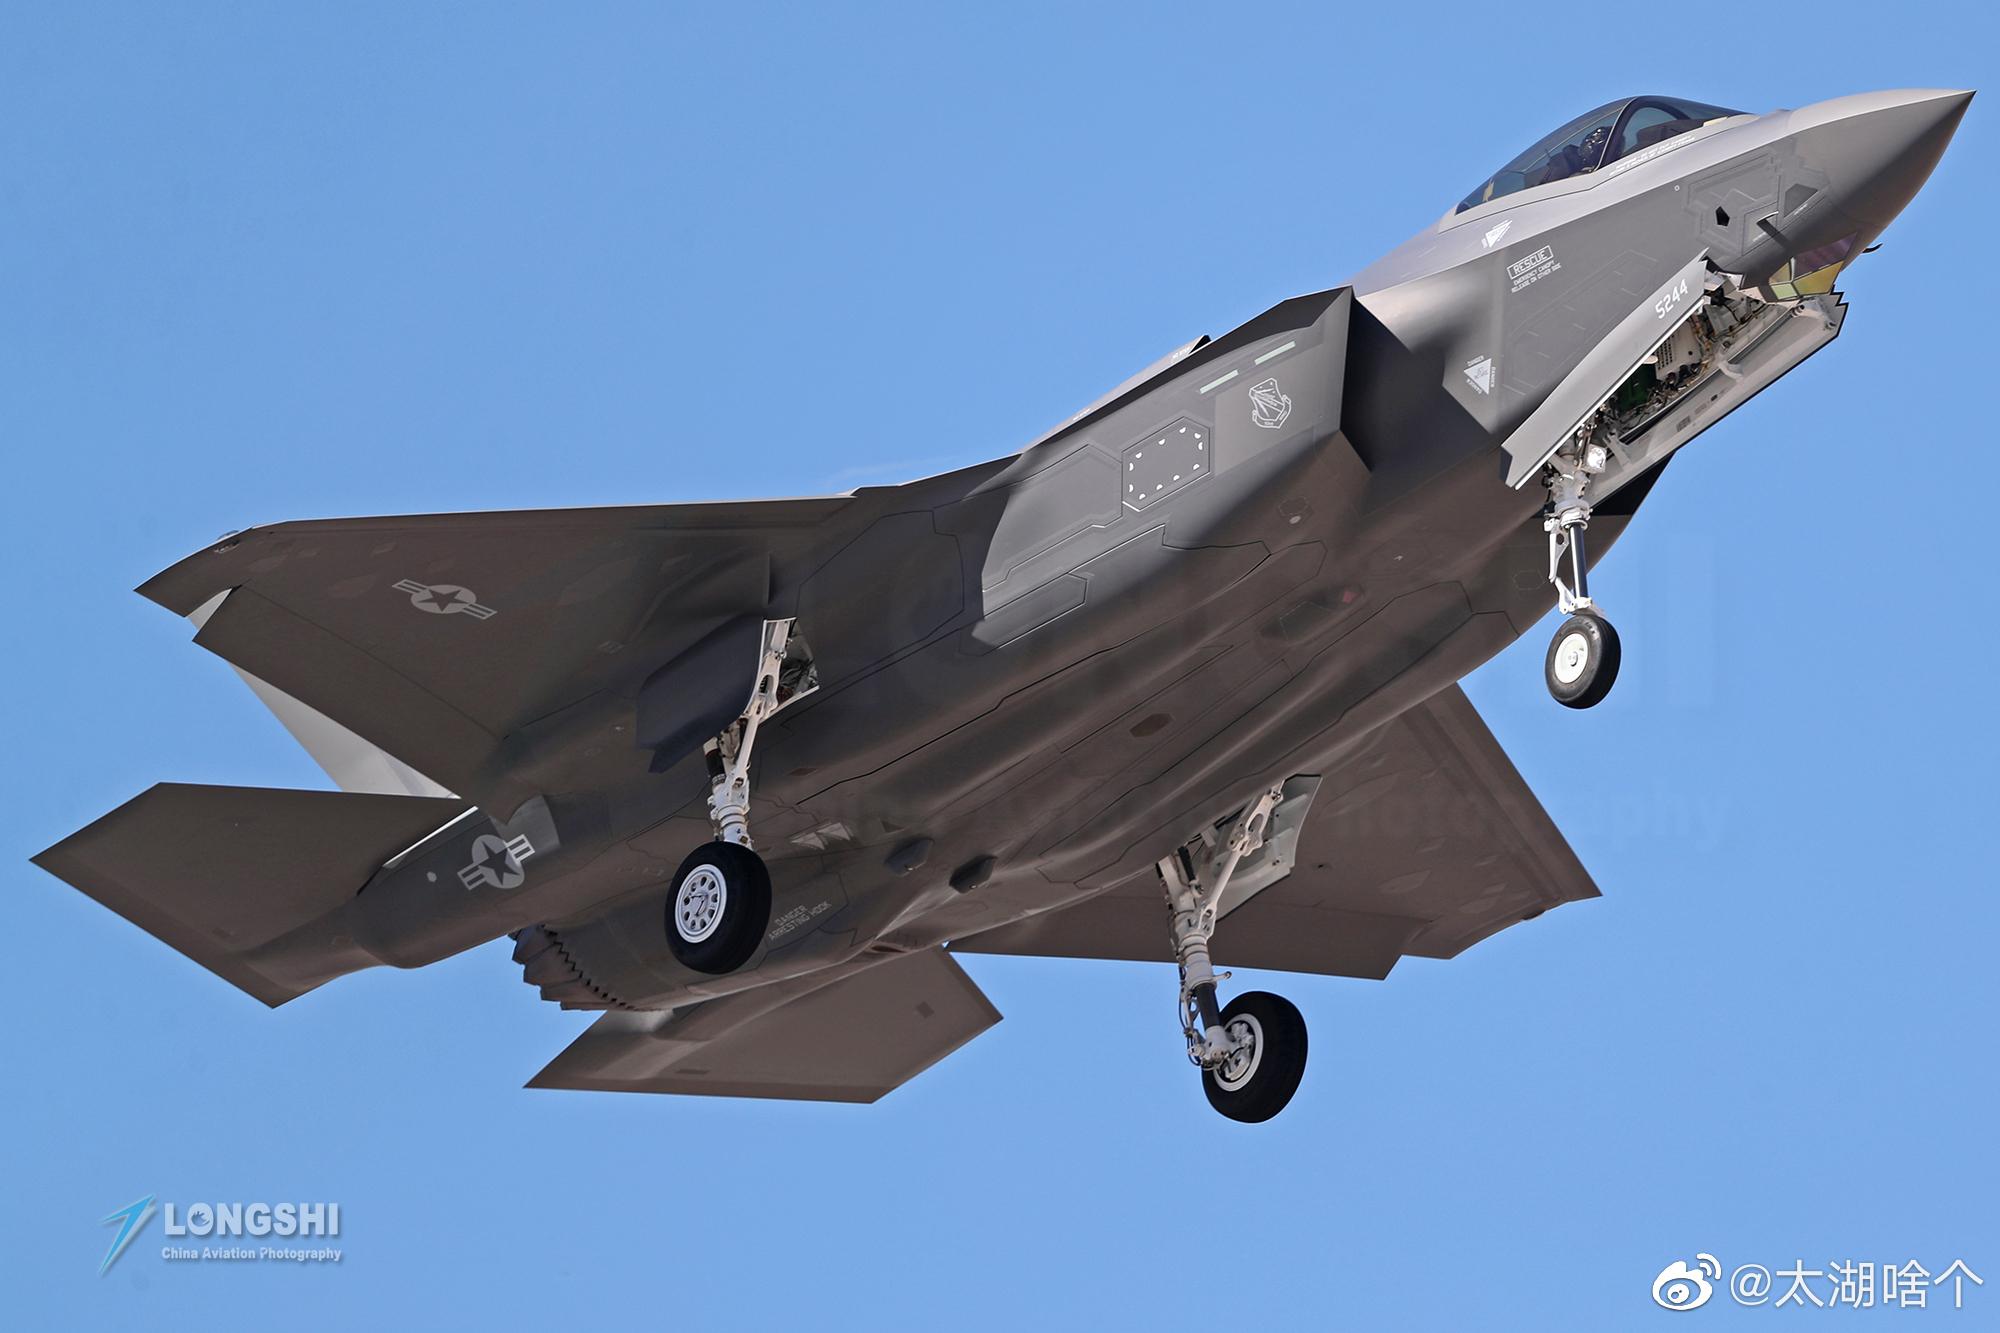 F-35A闪电II战斗机将逐取代F-16、F-15和A-10成为美国空军的主力战斗